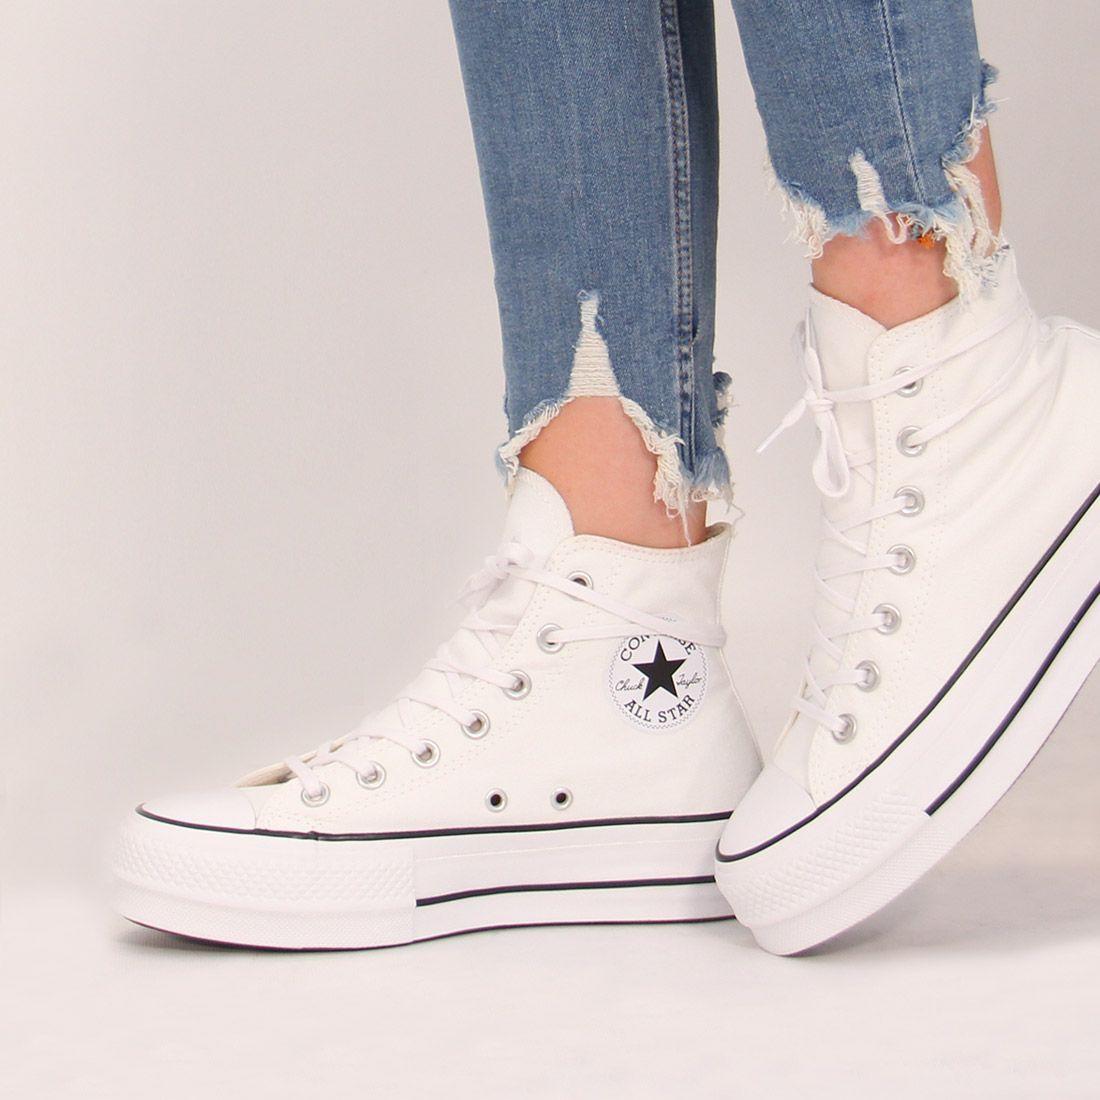 Converse hi lift - Converse, 2020 | Converse ayakkabılar ...